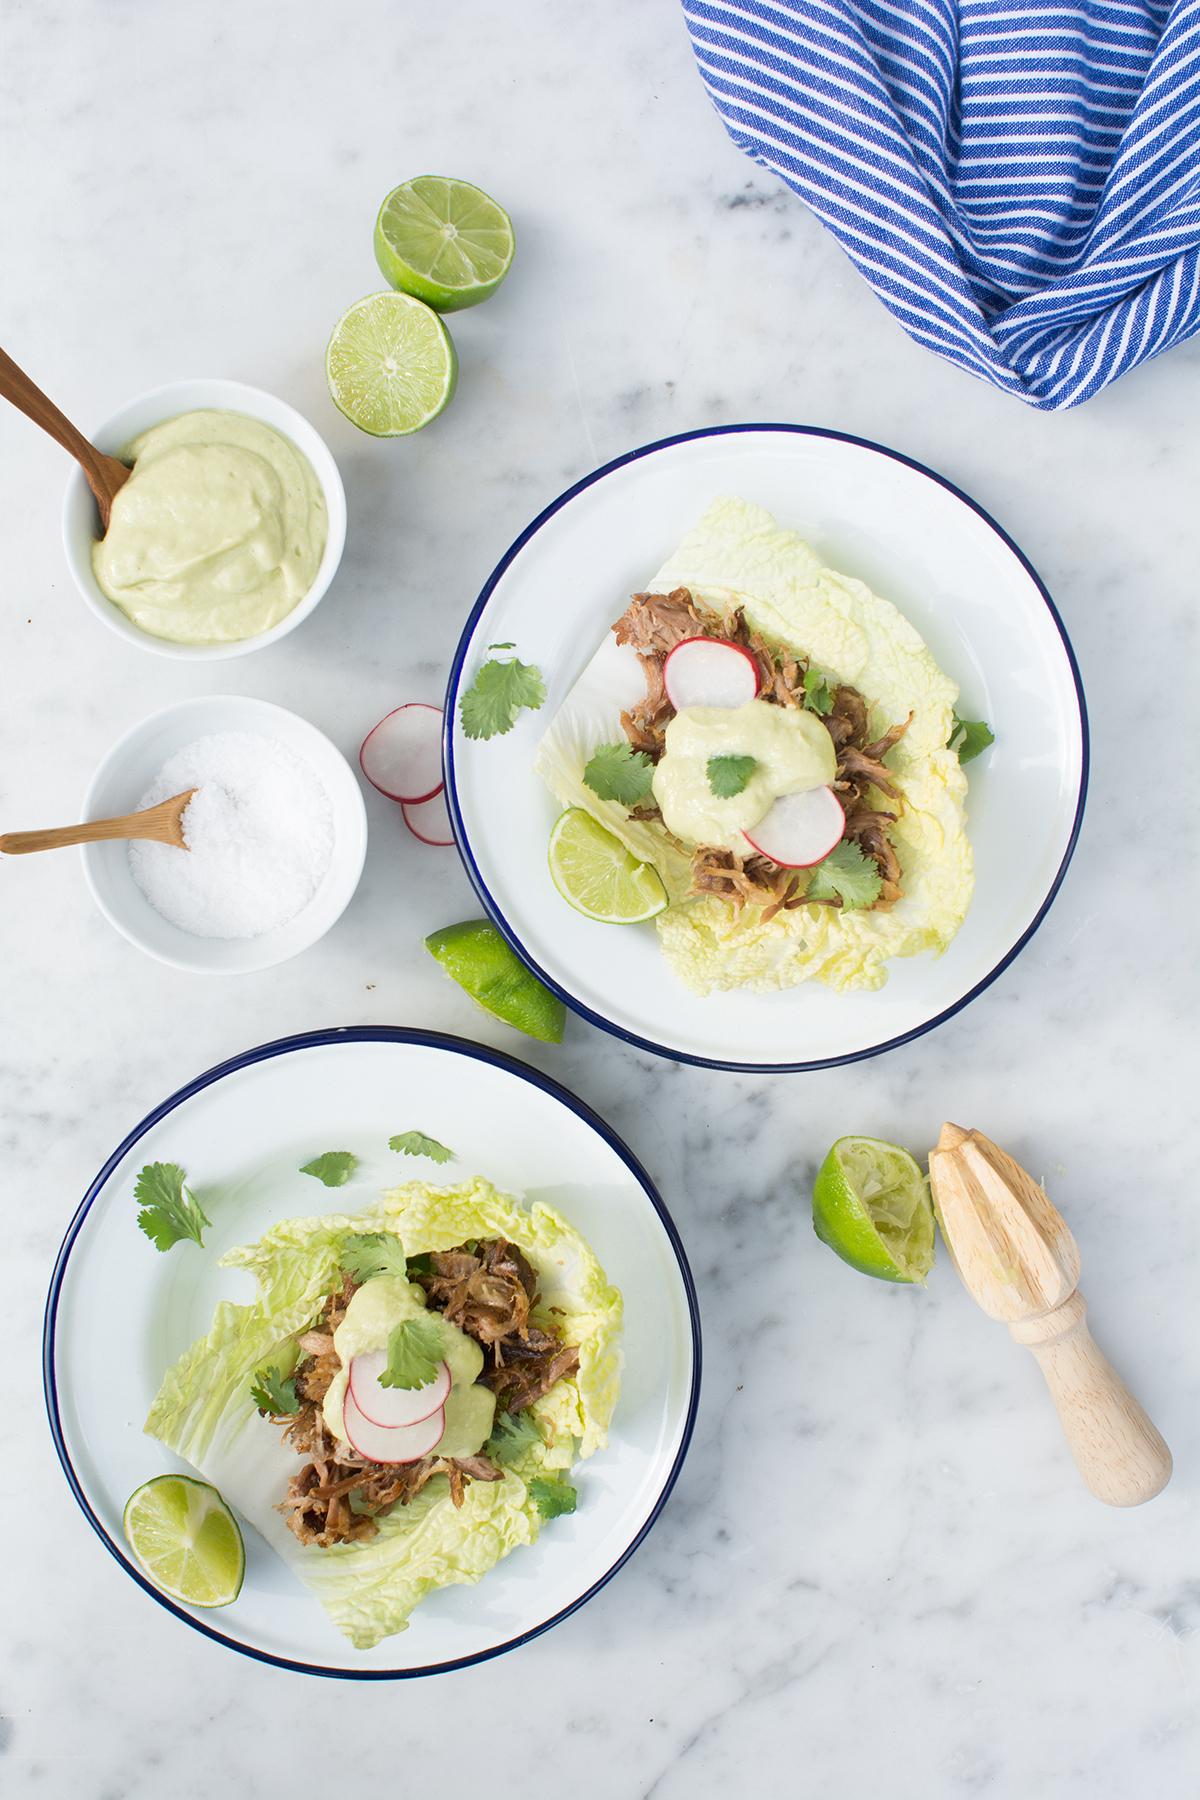 Pork Tacos with Avocado Crema (AIP/Paleo)